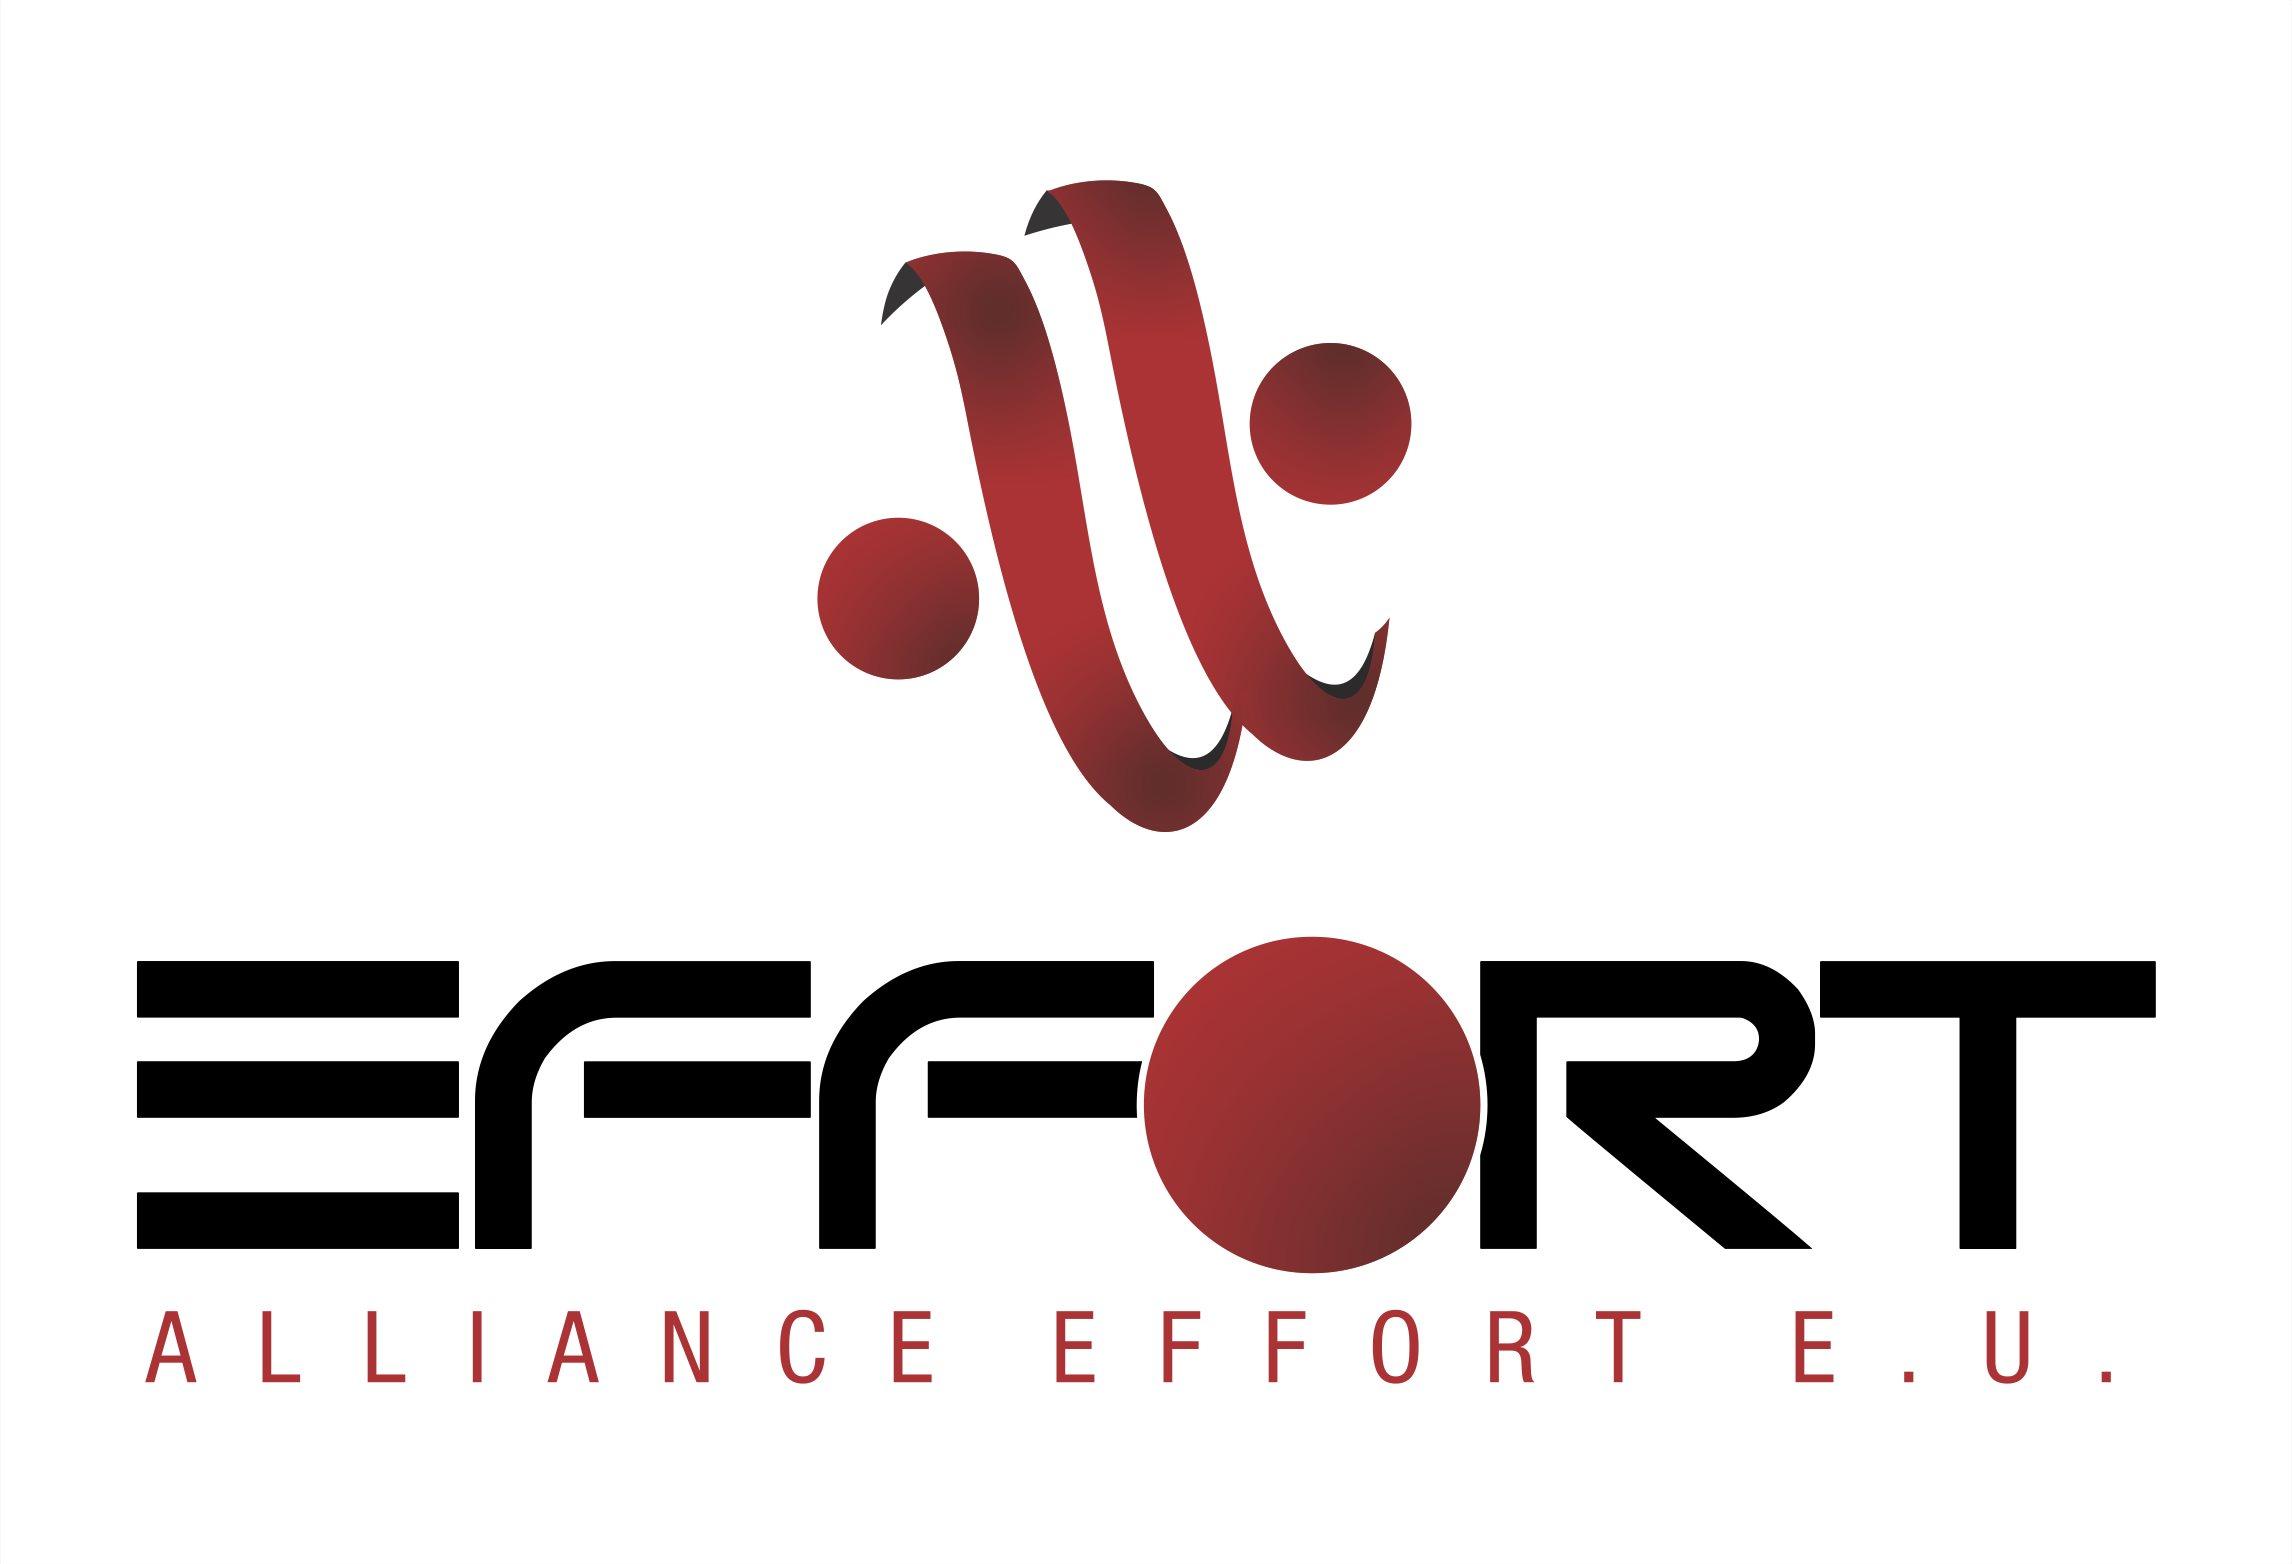 EFFORT E.U.